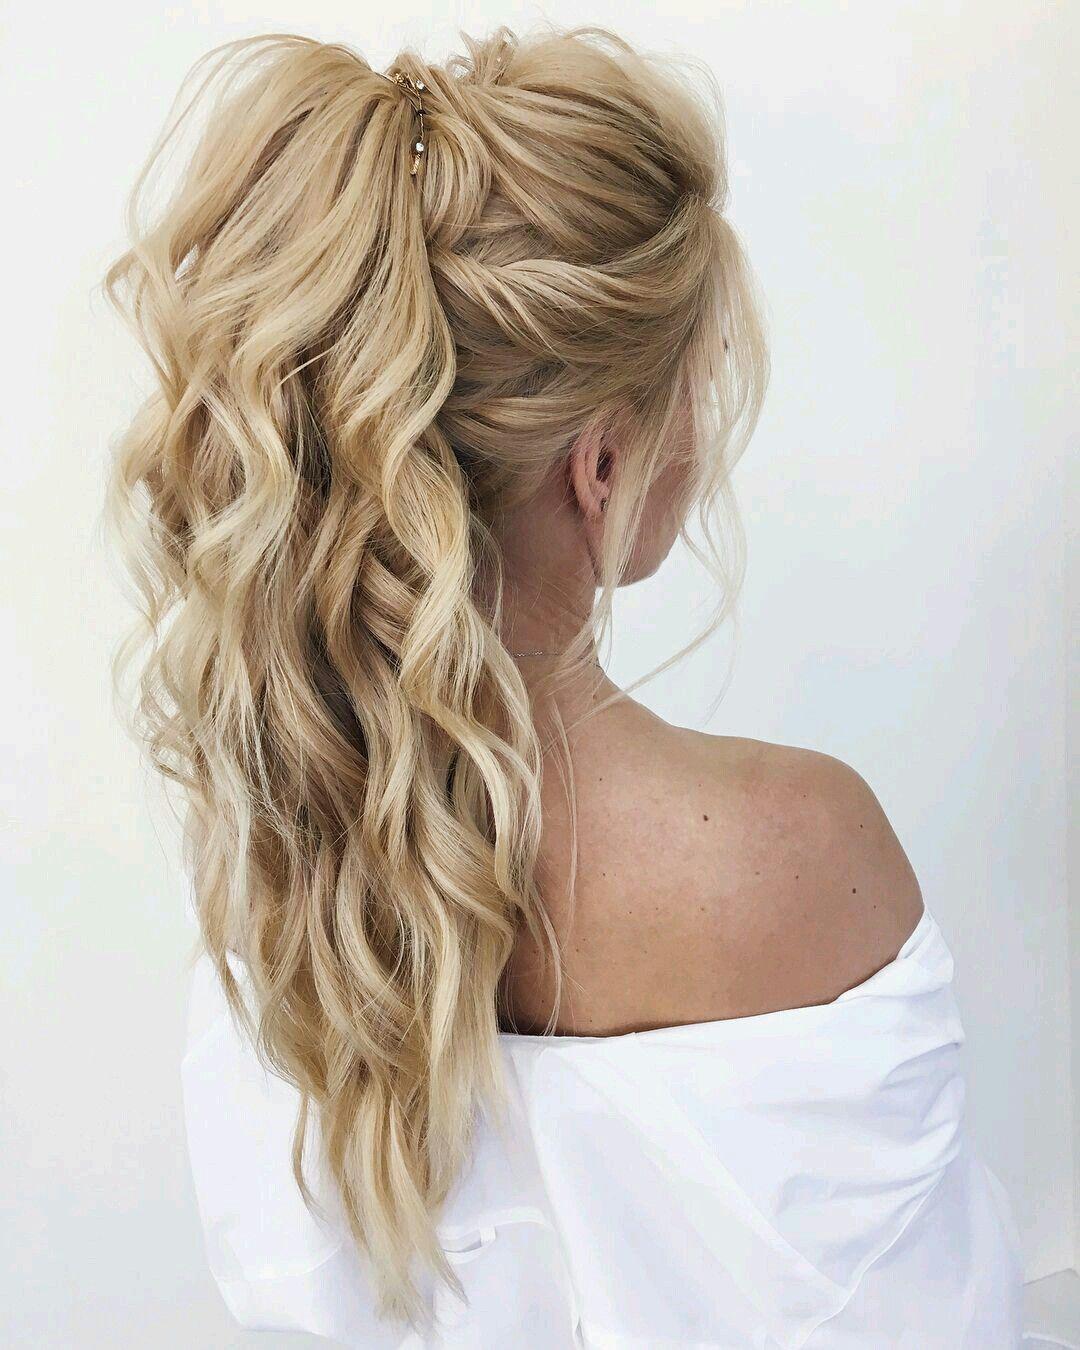 Wedding Hairstyle Ponytail: Pin On Wedding